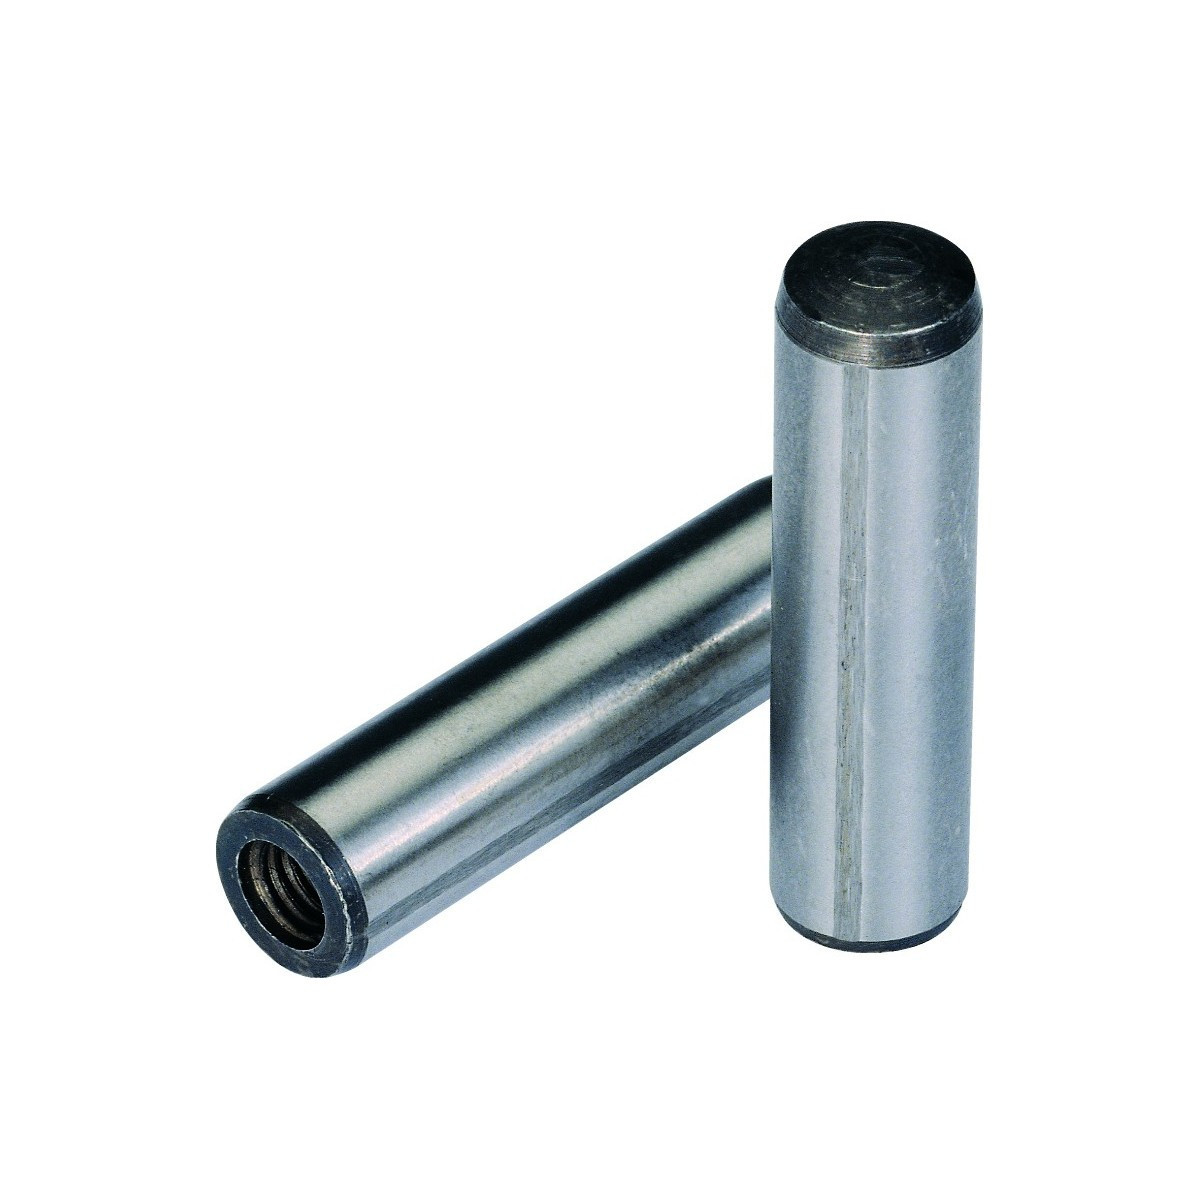 Штифт циліндричний MMG DIN 7979D M10 х 28 Клас 10.9 (Фосфат) 1 шт